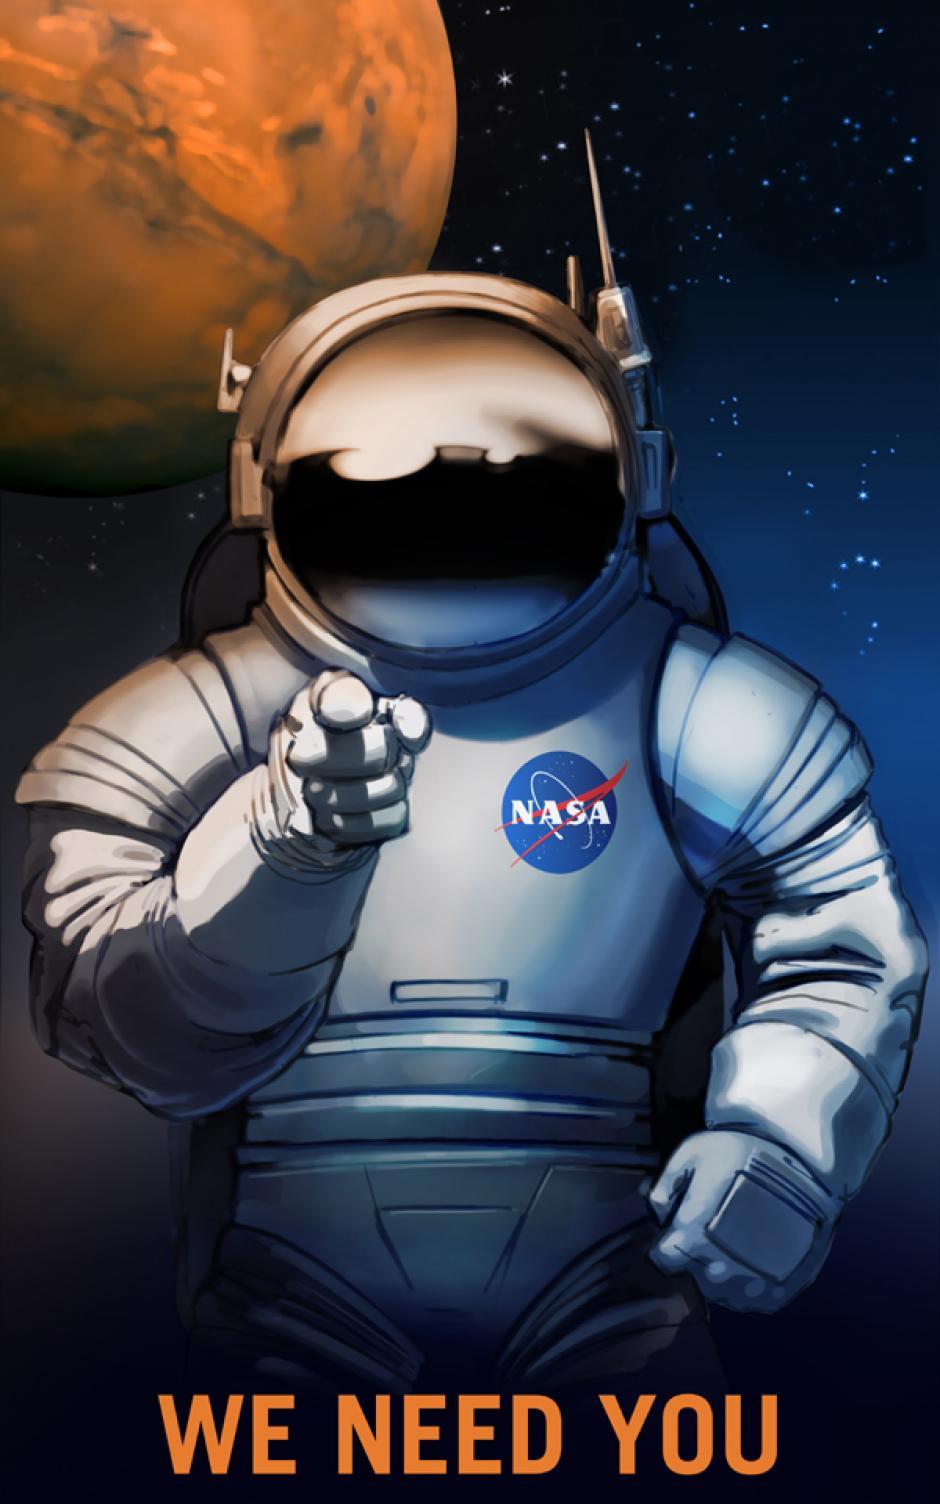 Los afiches animan al público a imaginar la vida en Marte. (Foto: NASA)